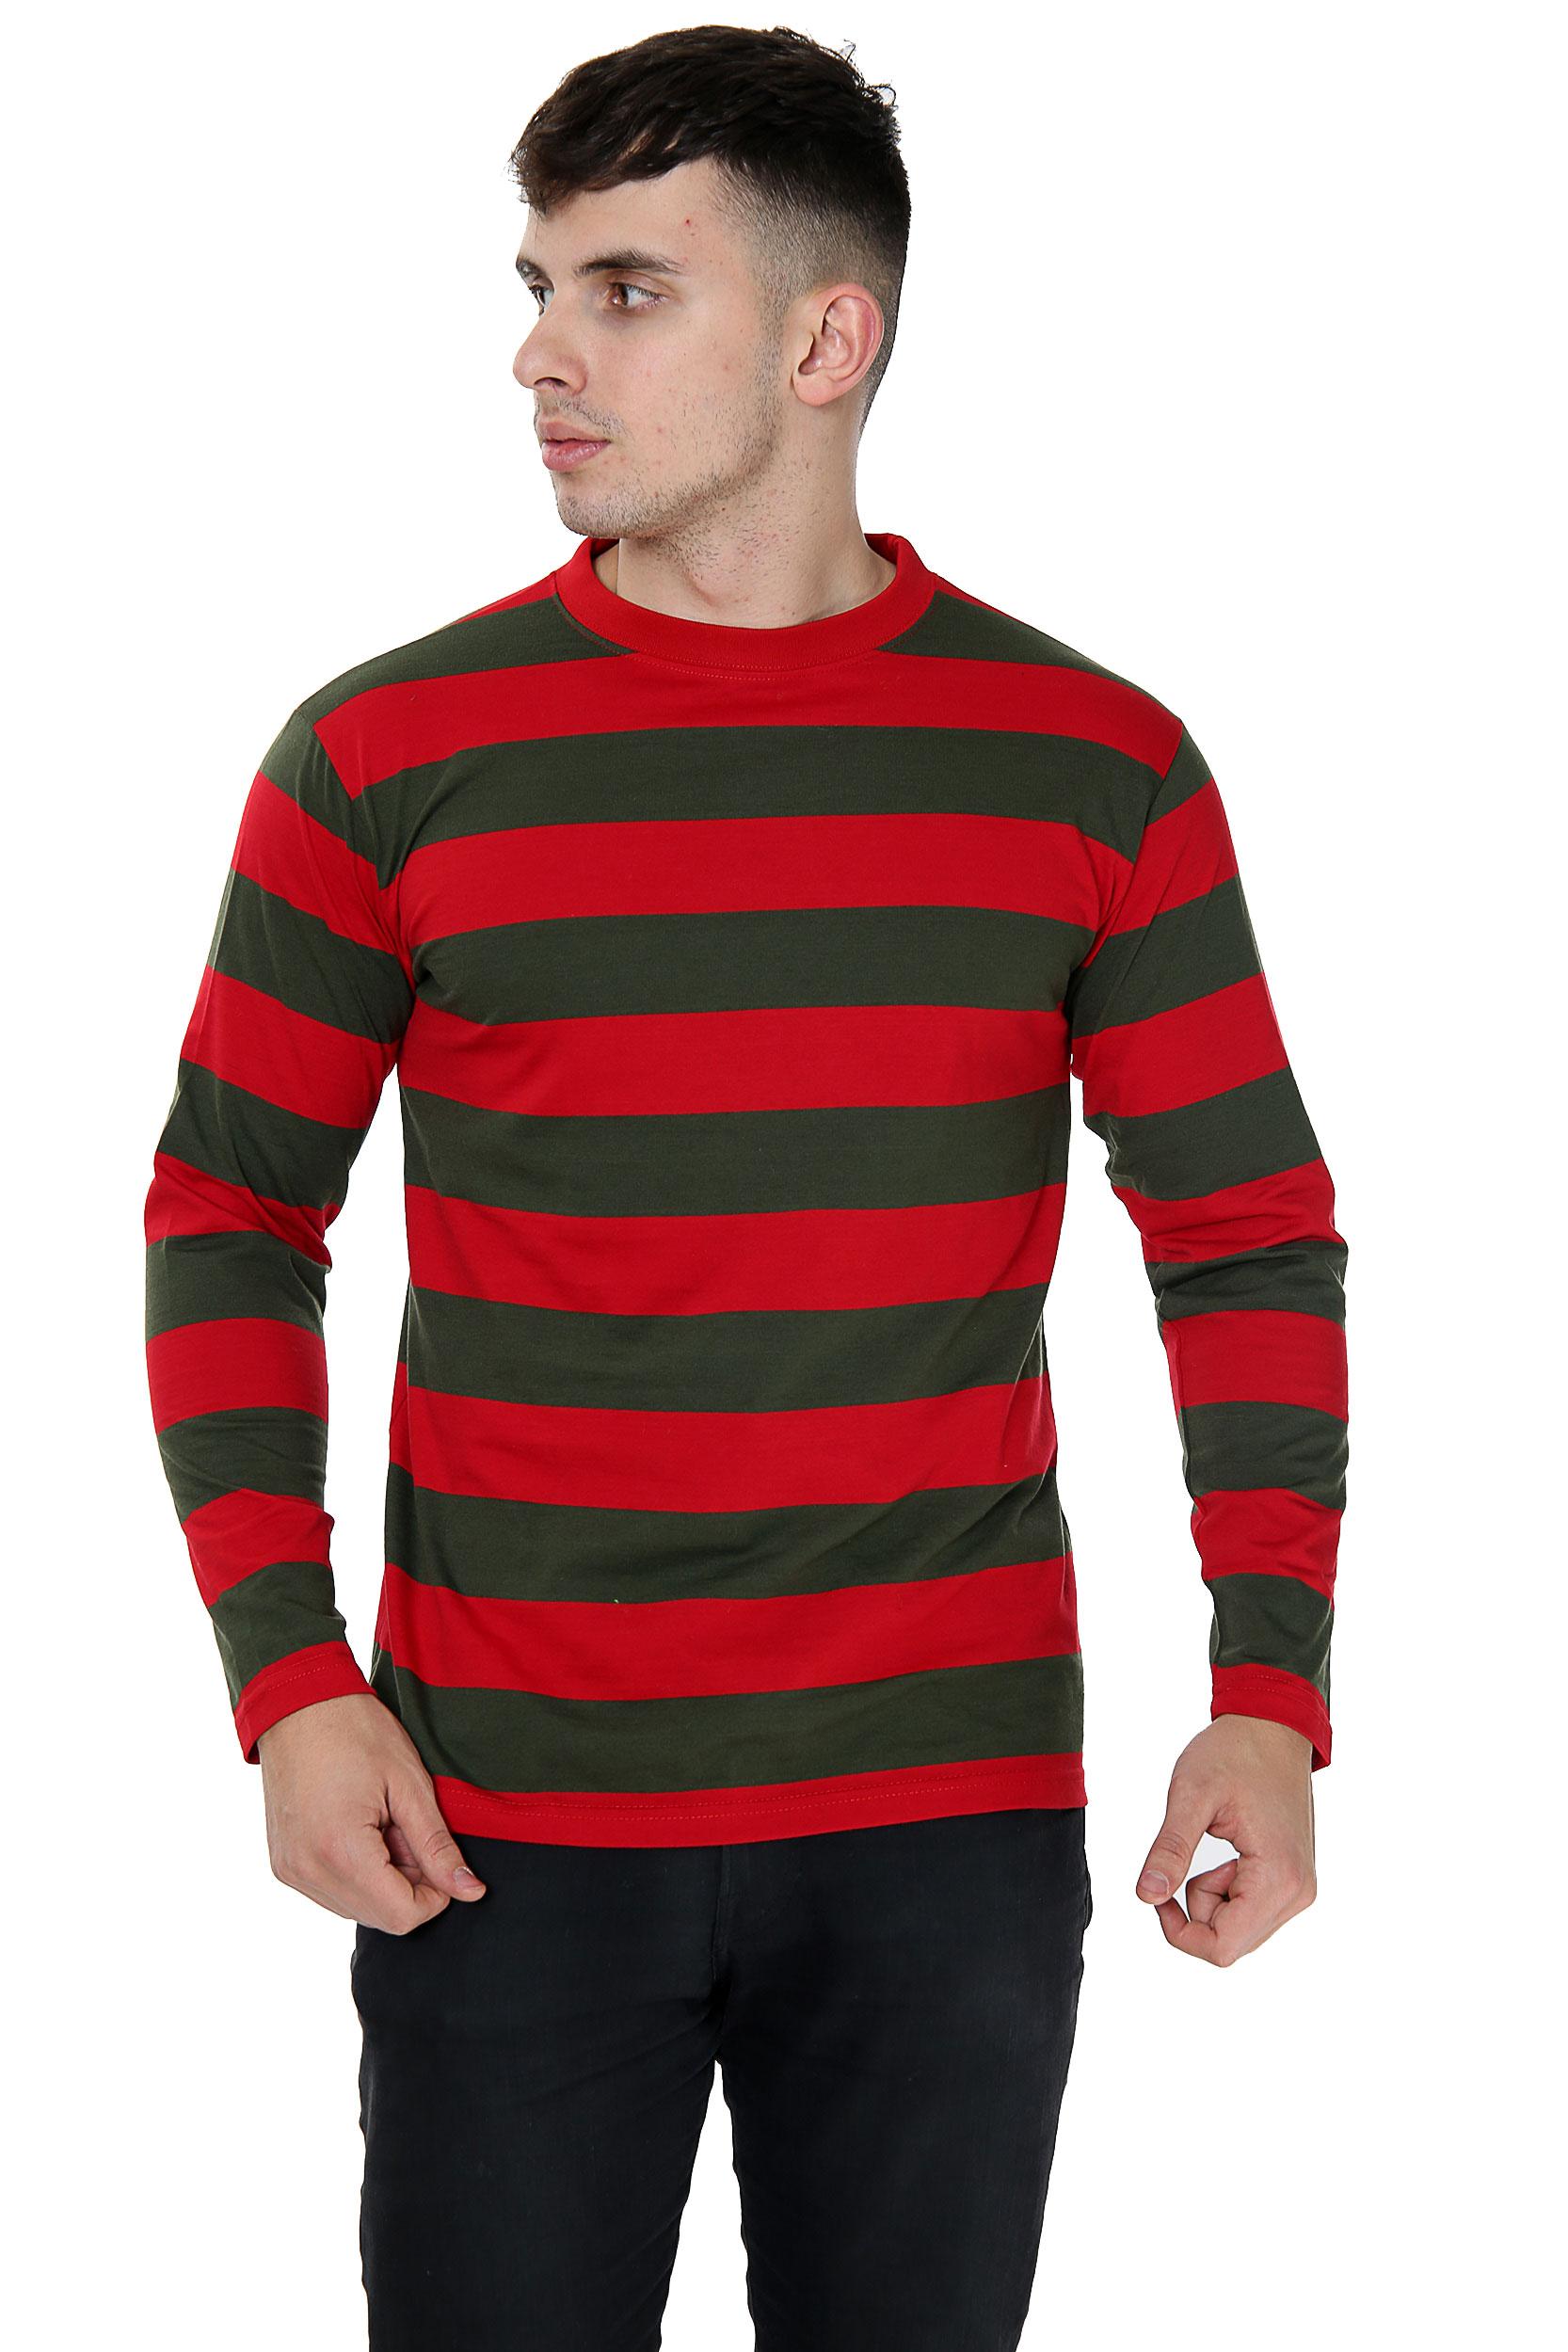 Unisex Red & Green Stripe T-Shirt Full Sleeve